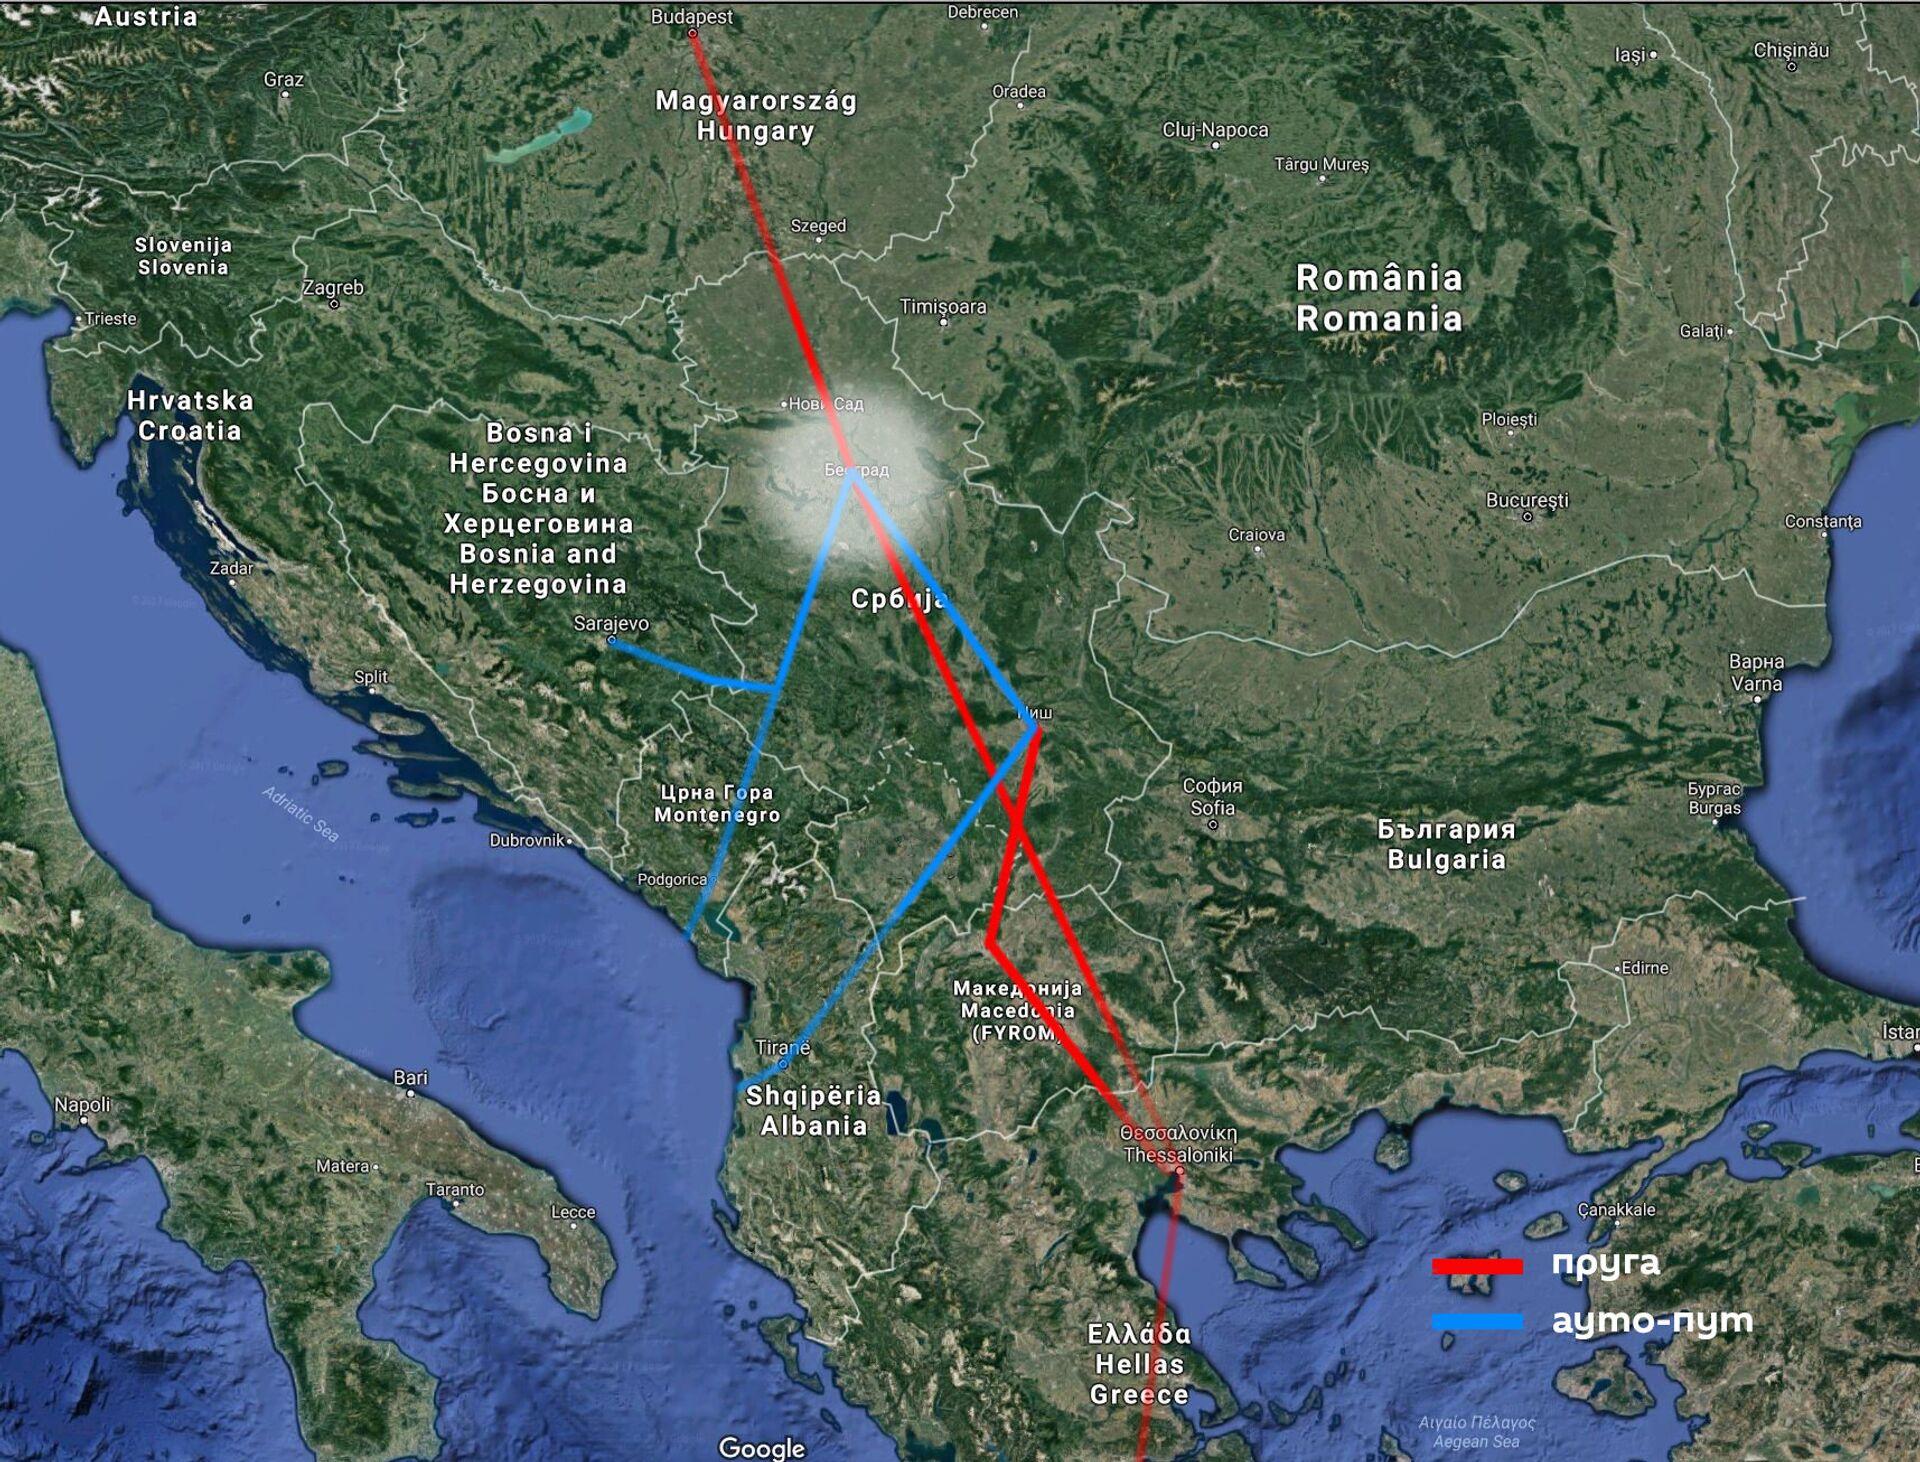 Изненадна шанса из Брисела: Србија постаје најбржа веза до срца Европе - Sputnik Србија, 1920, 26.04.2021